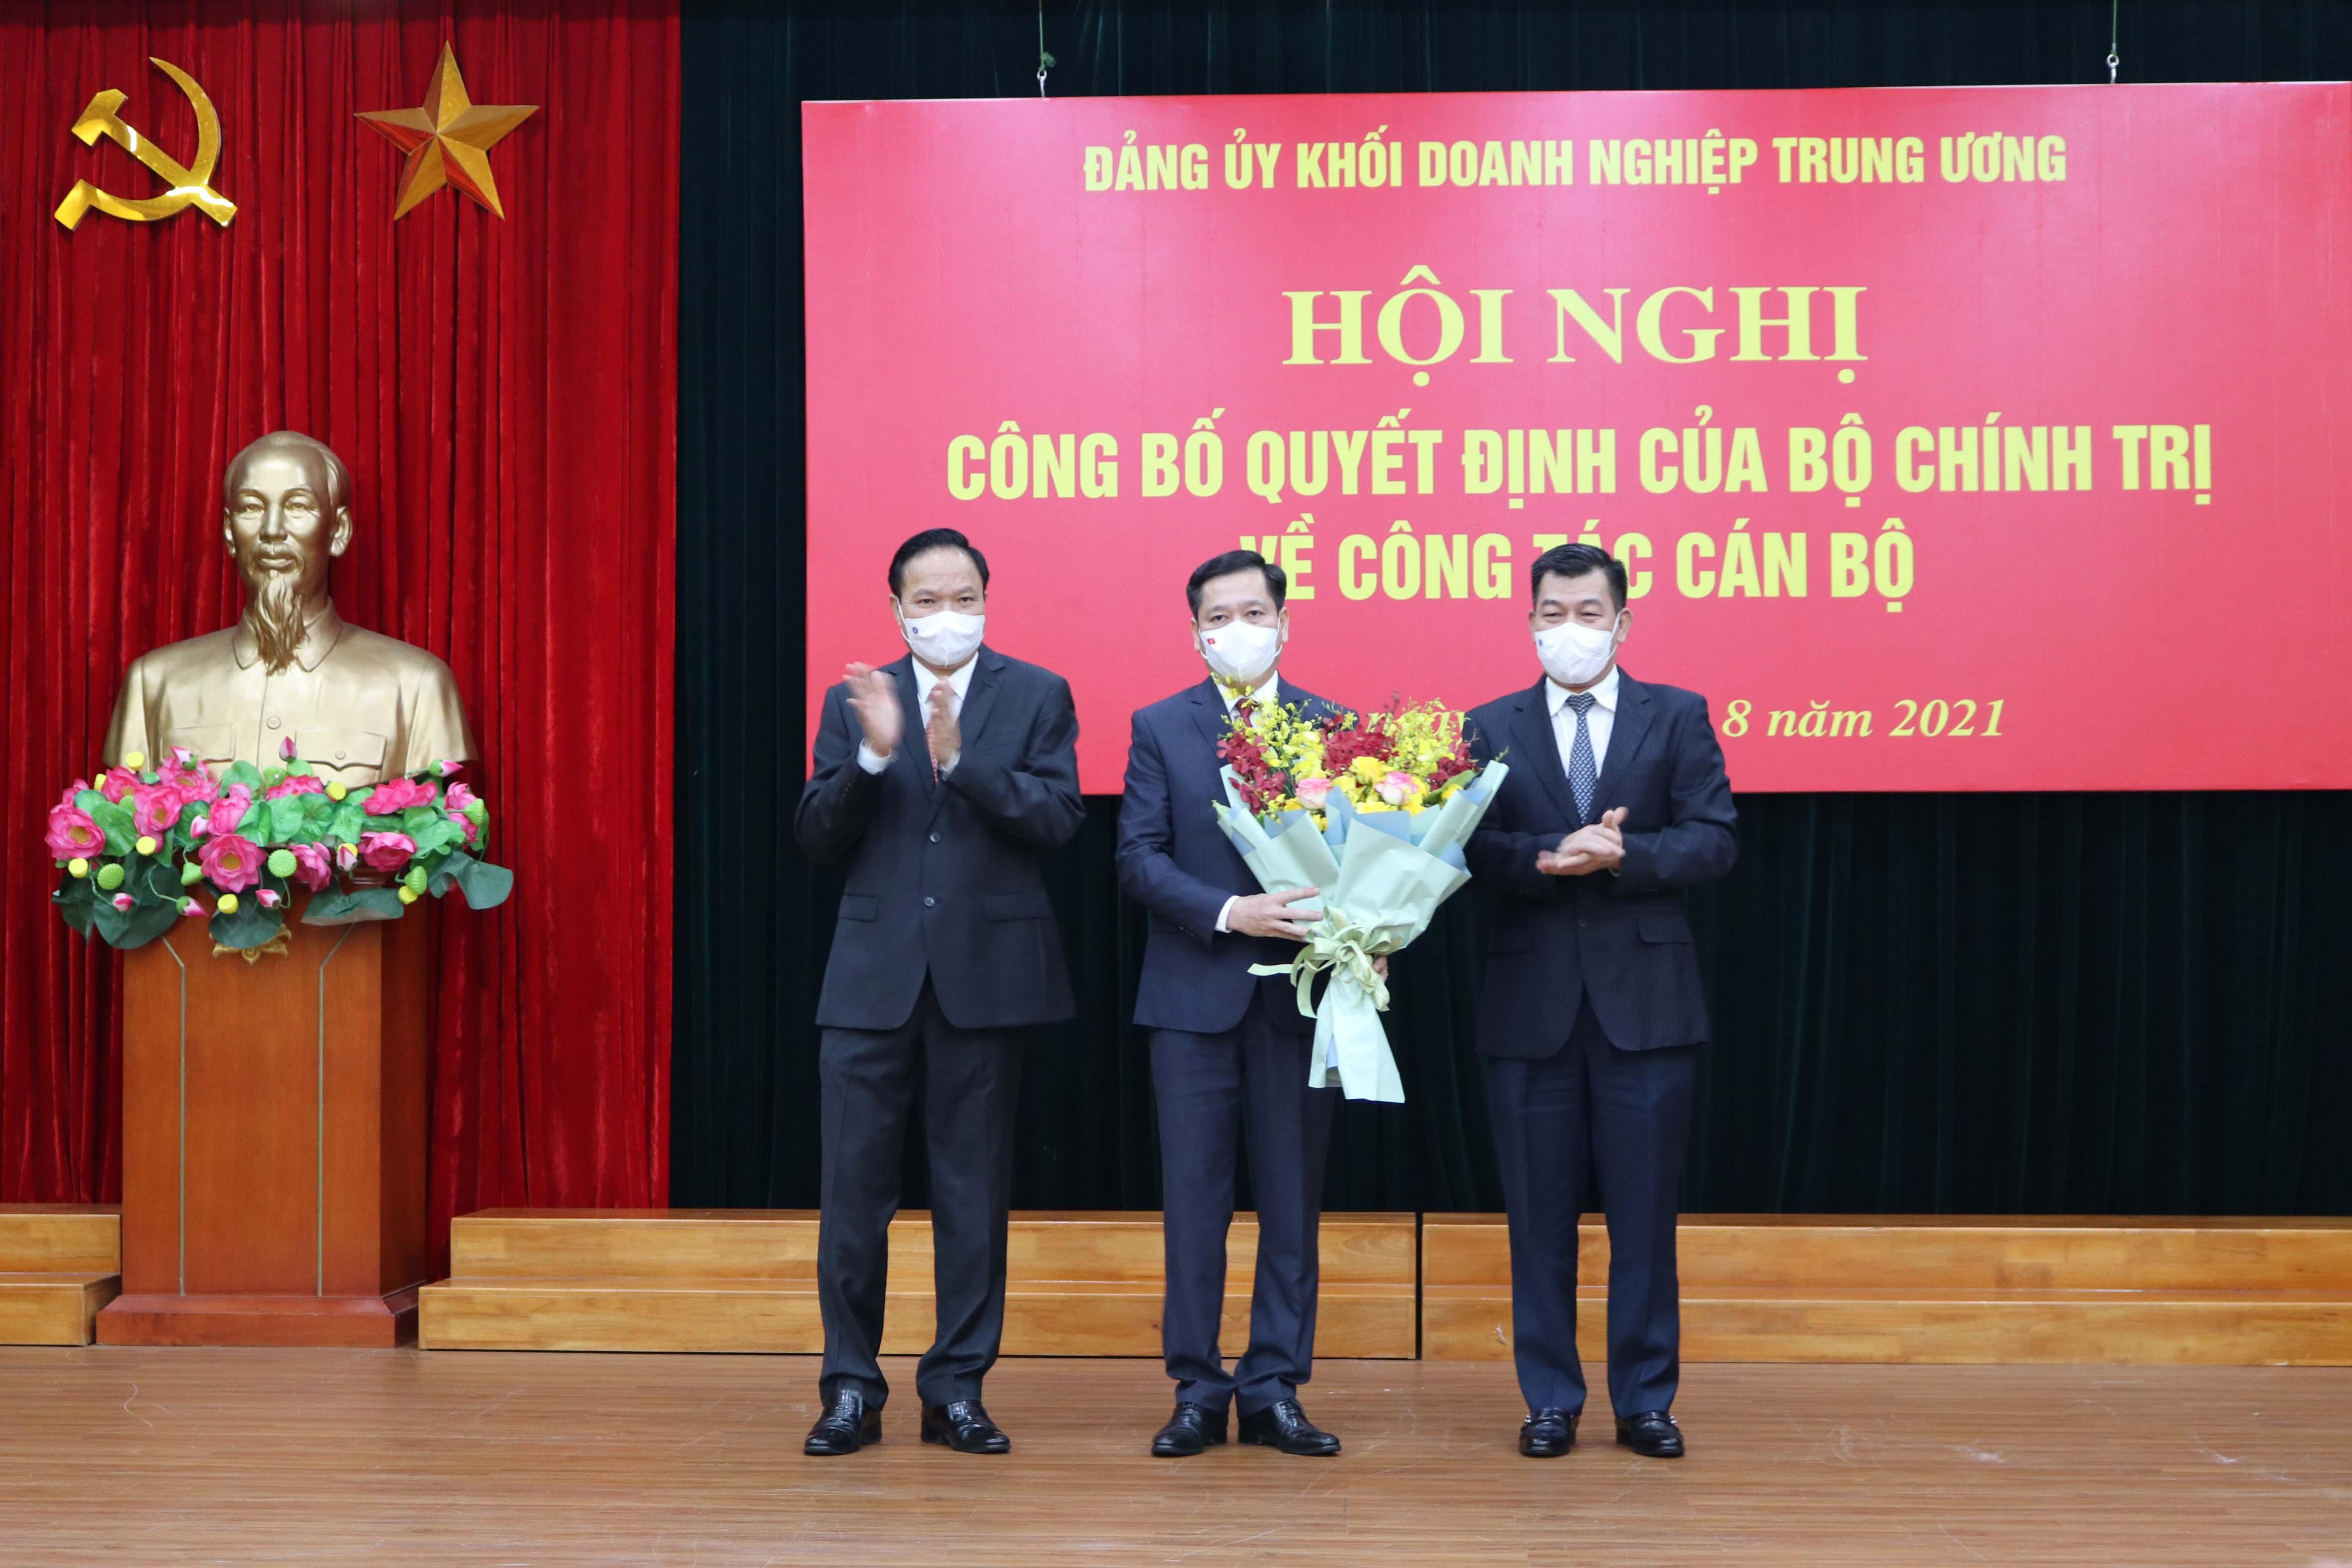 Các đồng chí Phó Bí thư Đảng uỷ Khối Doanh nghiệp Trung ương: Lê Văn Châu và Nguyễn Đức Phong tặng hoa chúc mừng tân Bí thư Đảng uỷ Khối Doanh nghiệp Trung ương.